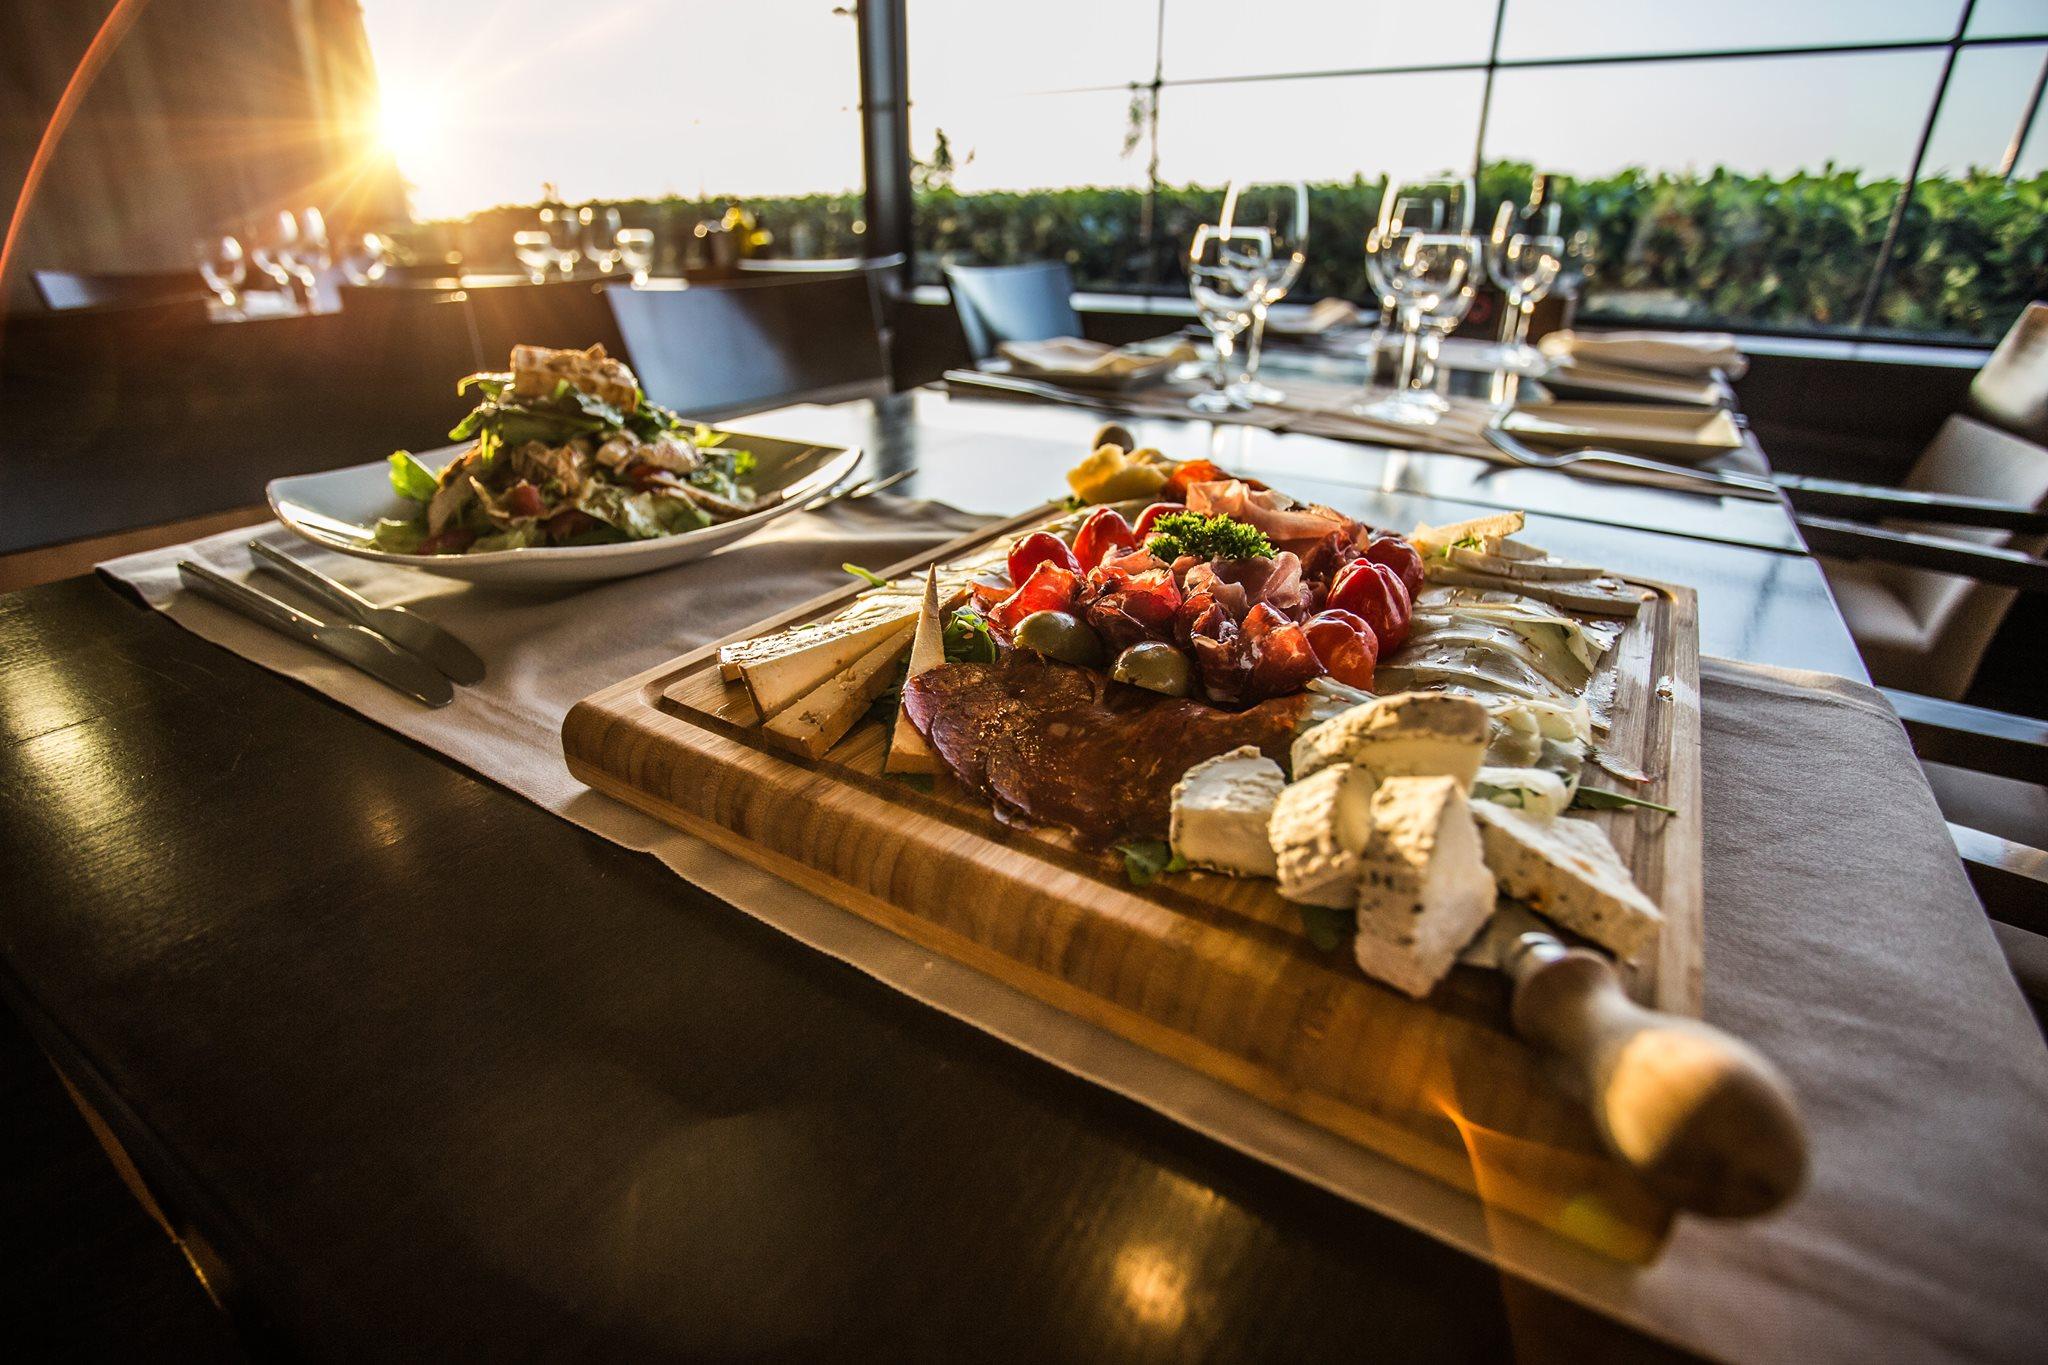 Top 5 restaurants in Belgrade - Belgrade at night